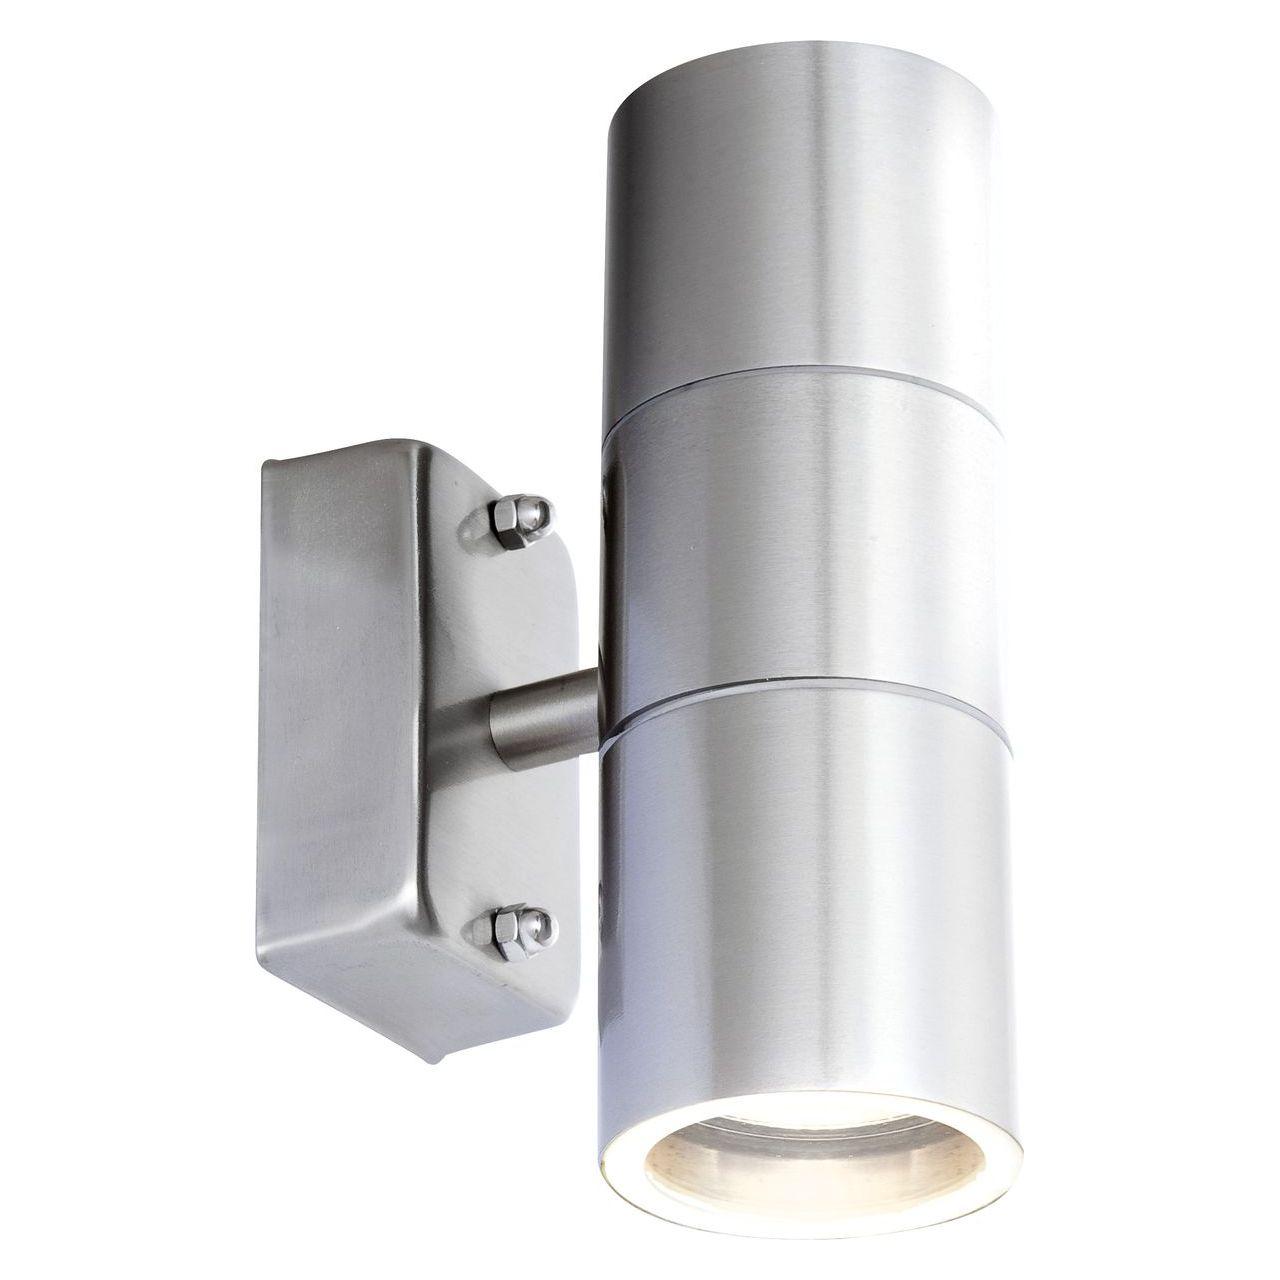 цена на Уличный настенный светодиодный светильник Globo Style 3201-2L